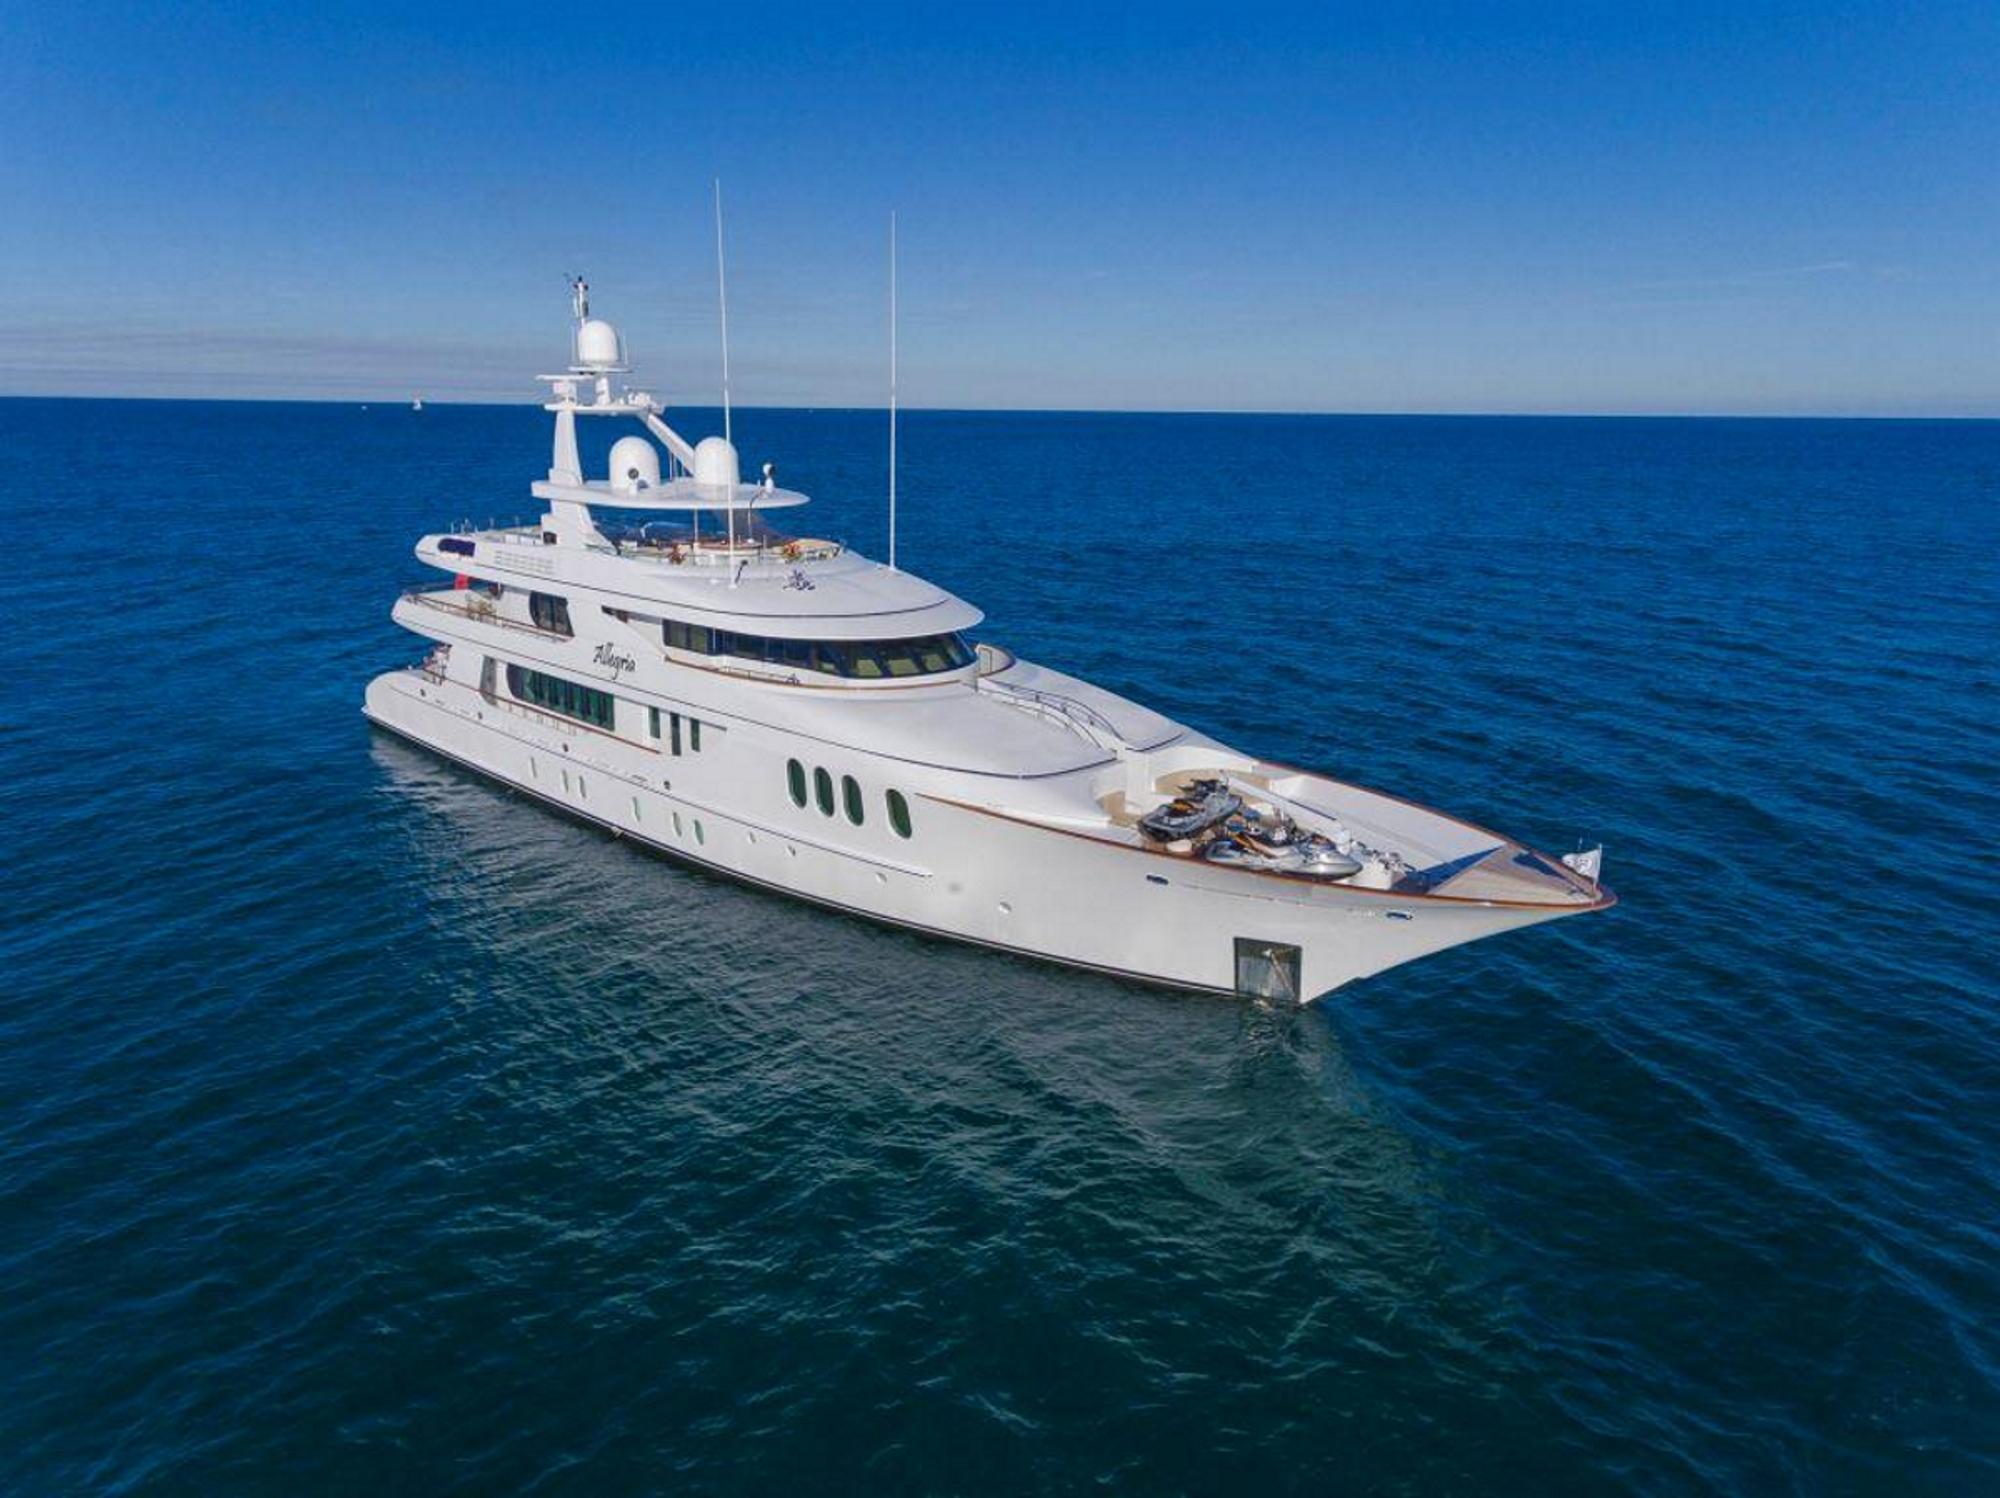 Superyacht ALLEGRIA - Built by Hakvoort